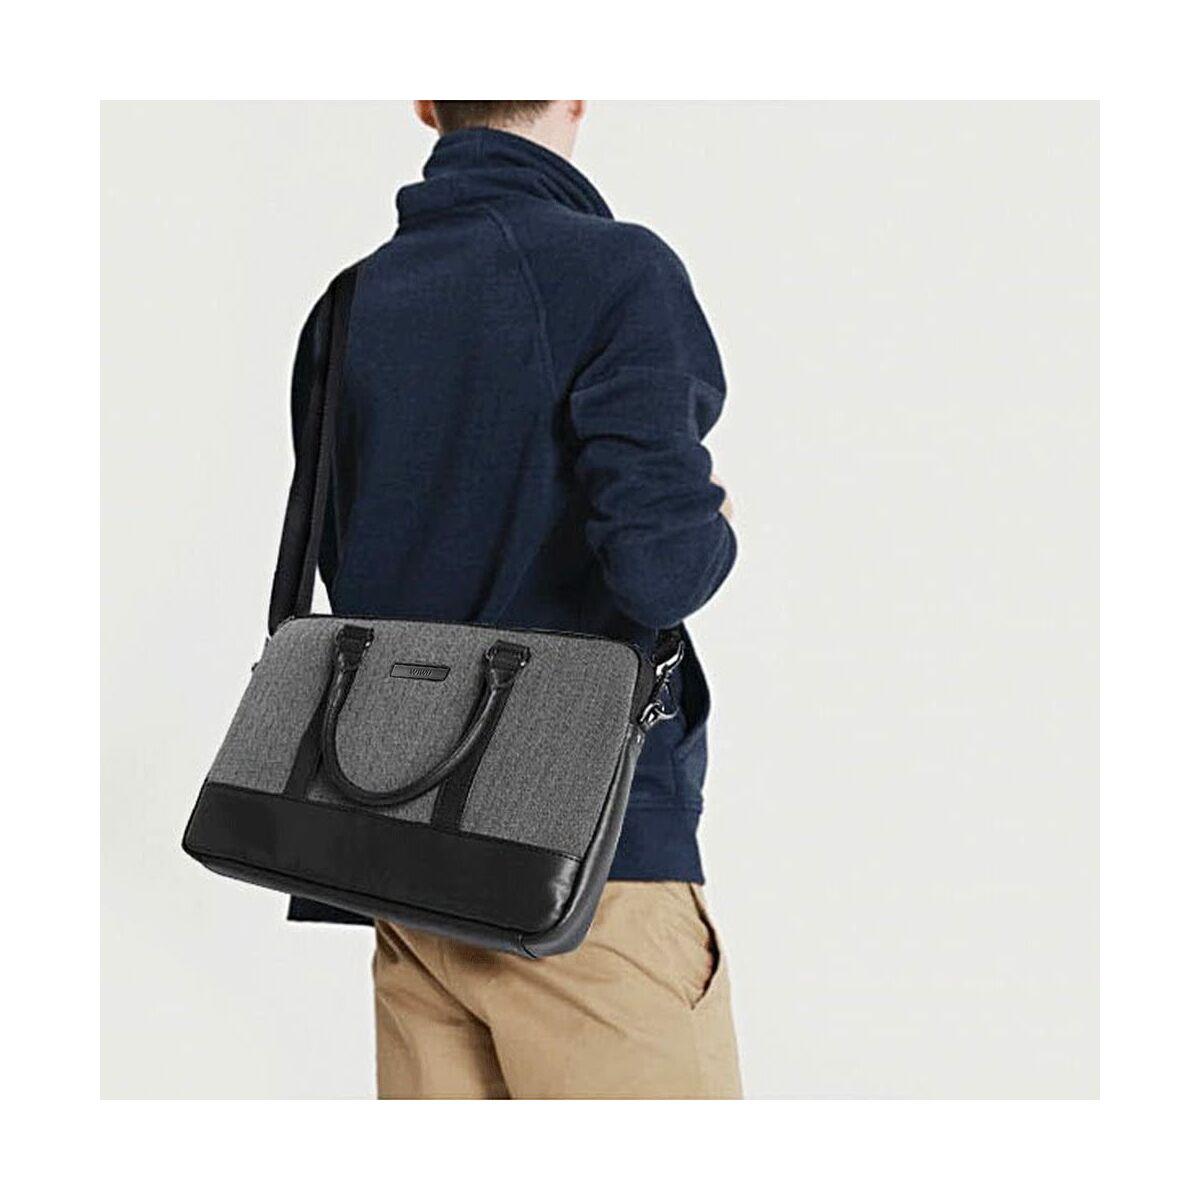 WiWU kézi táska, London aktatáska, 15.6 inch, Fekete